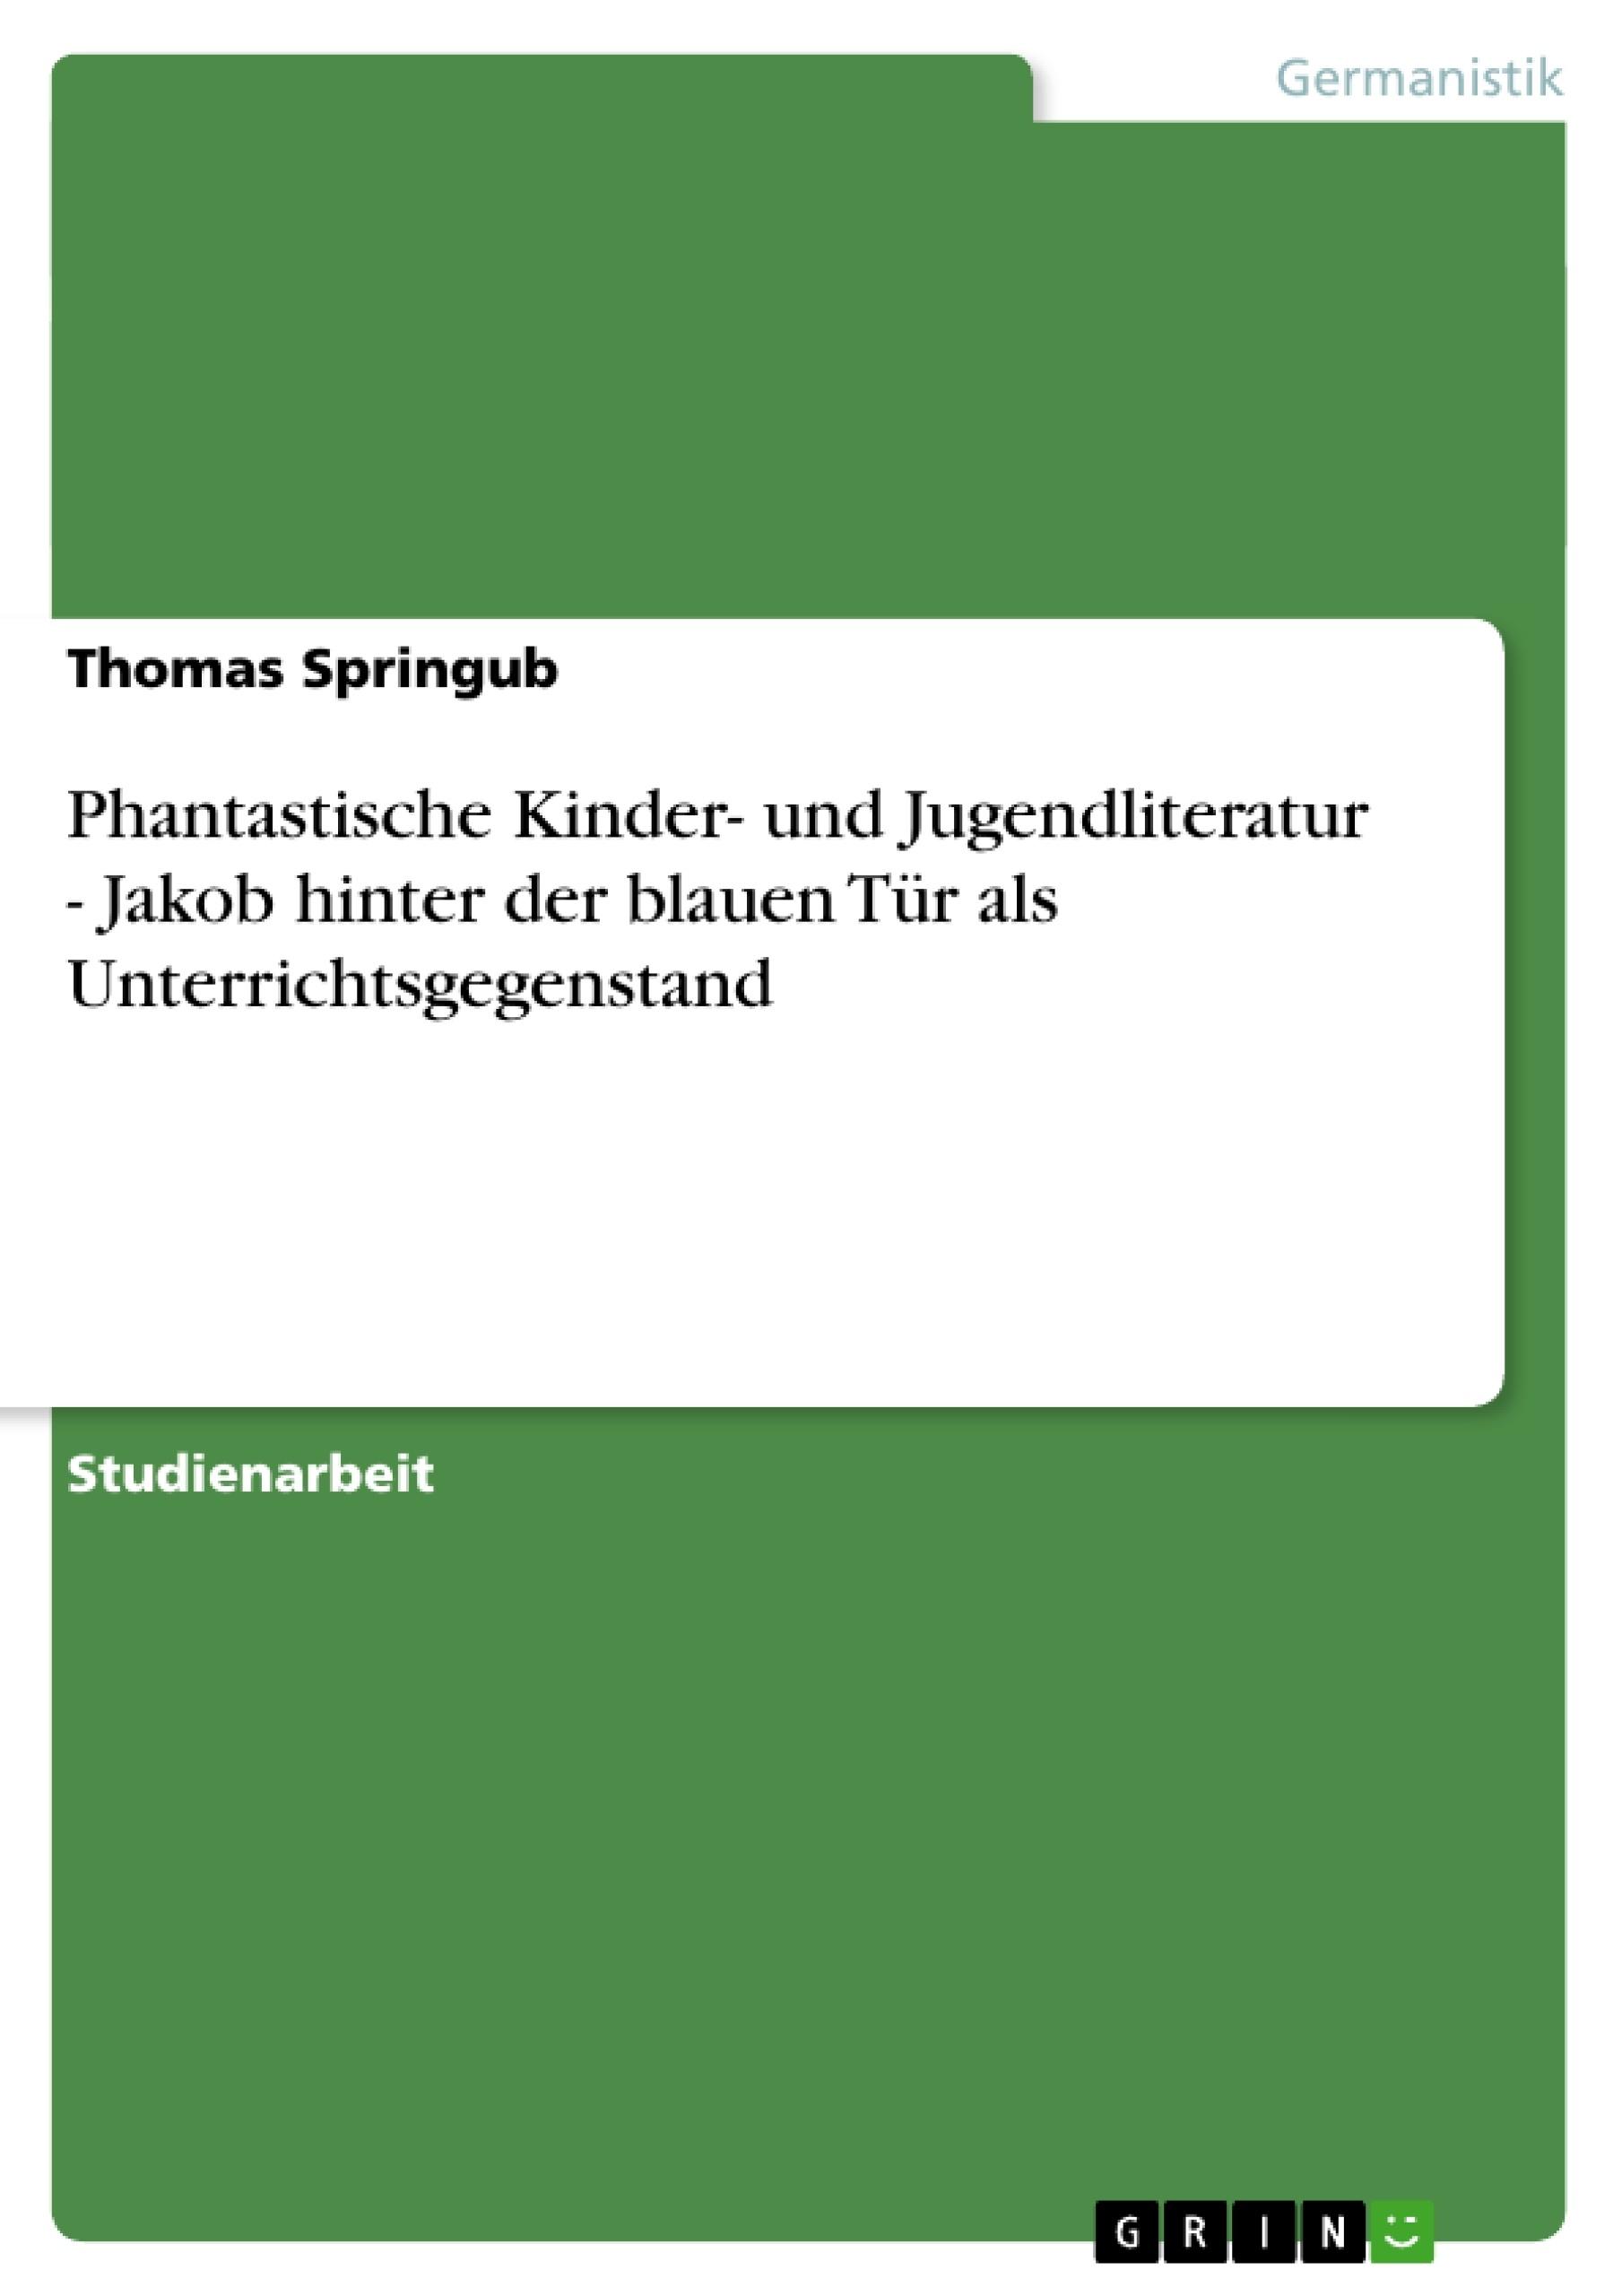 Titel: Phantastische Kinder- und Jugendliteratur -  Jakob hinter der blauen Tür  als Unterrichtsgegenstand